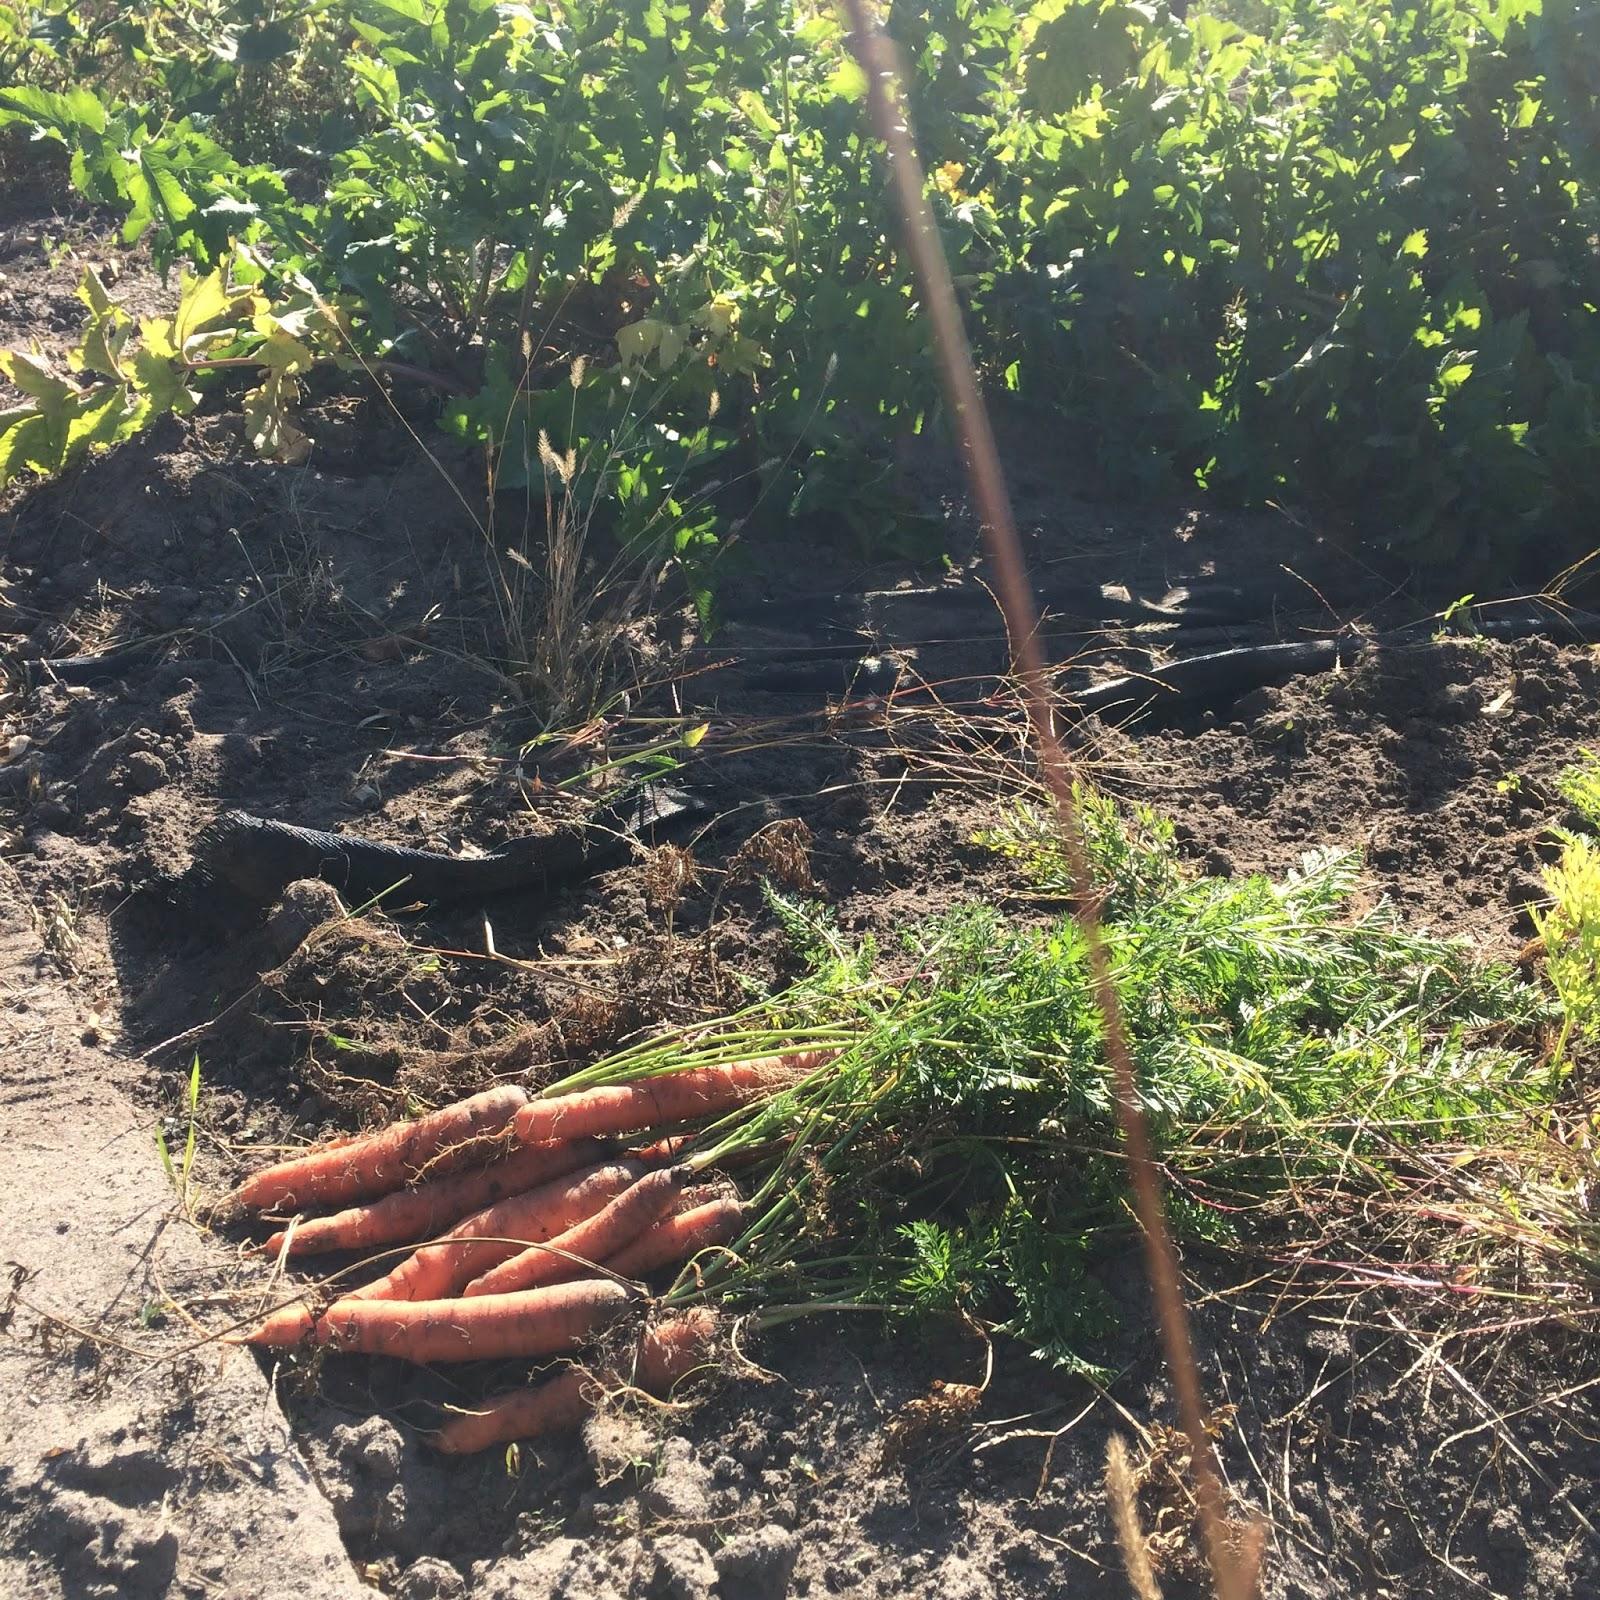 moestuin herfst najaar volkstuin zon mulch permacultuur wortel